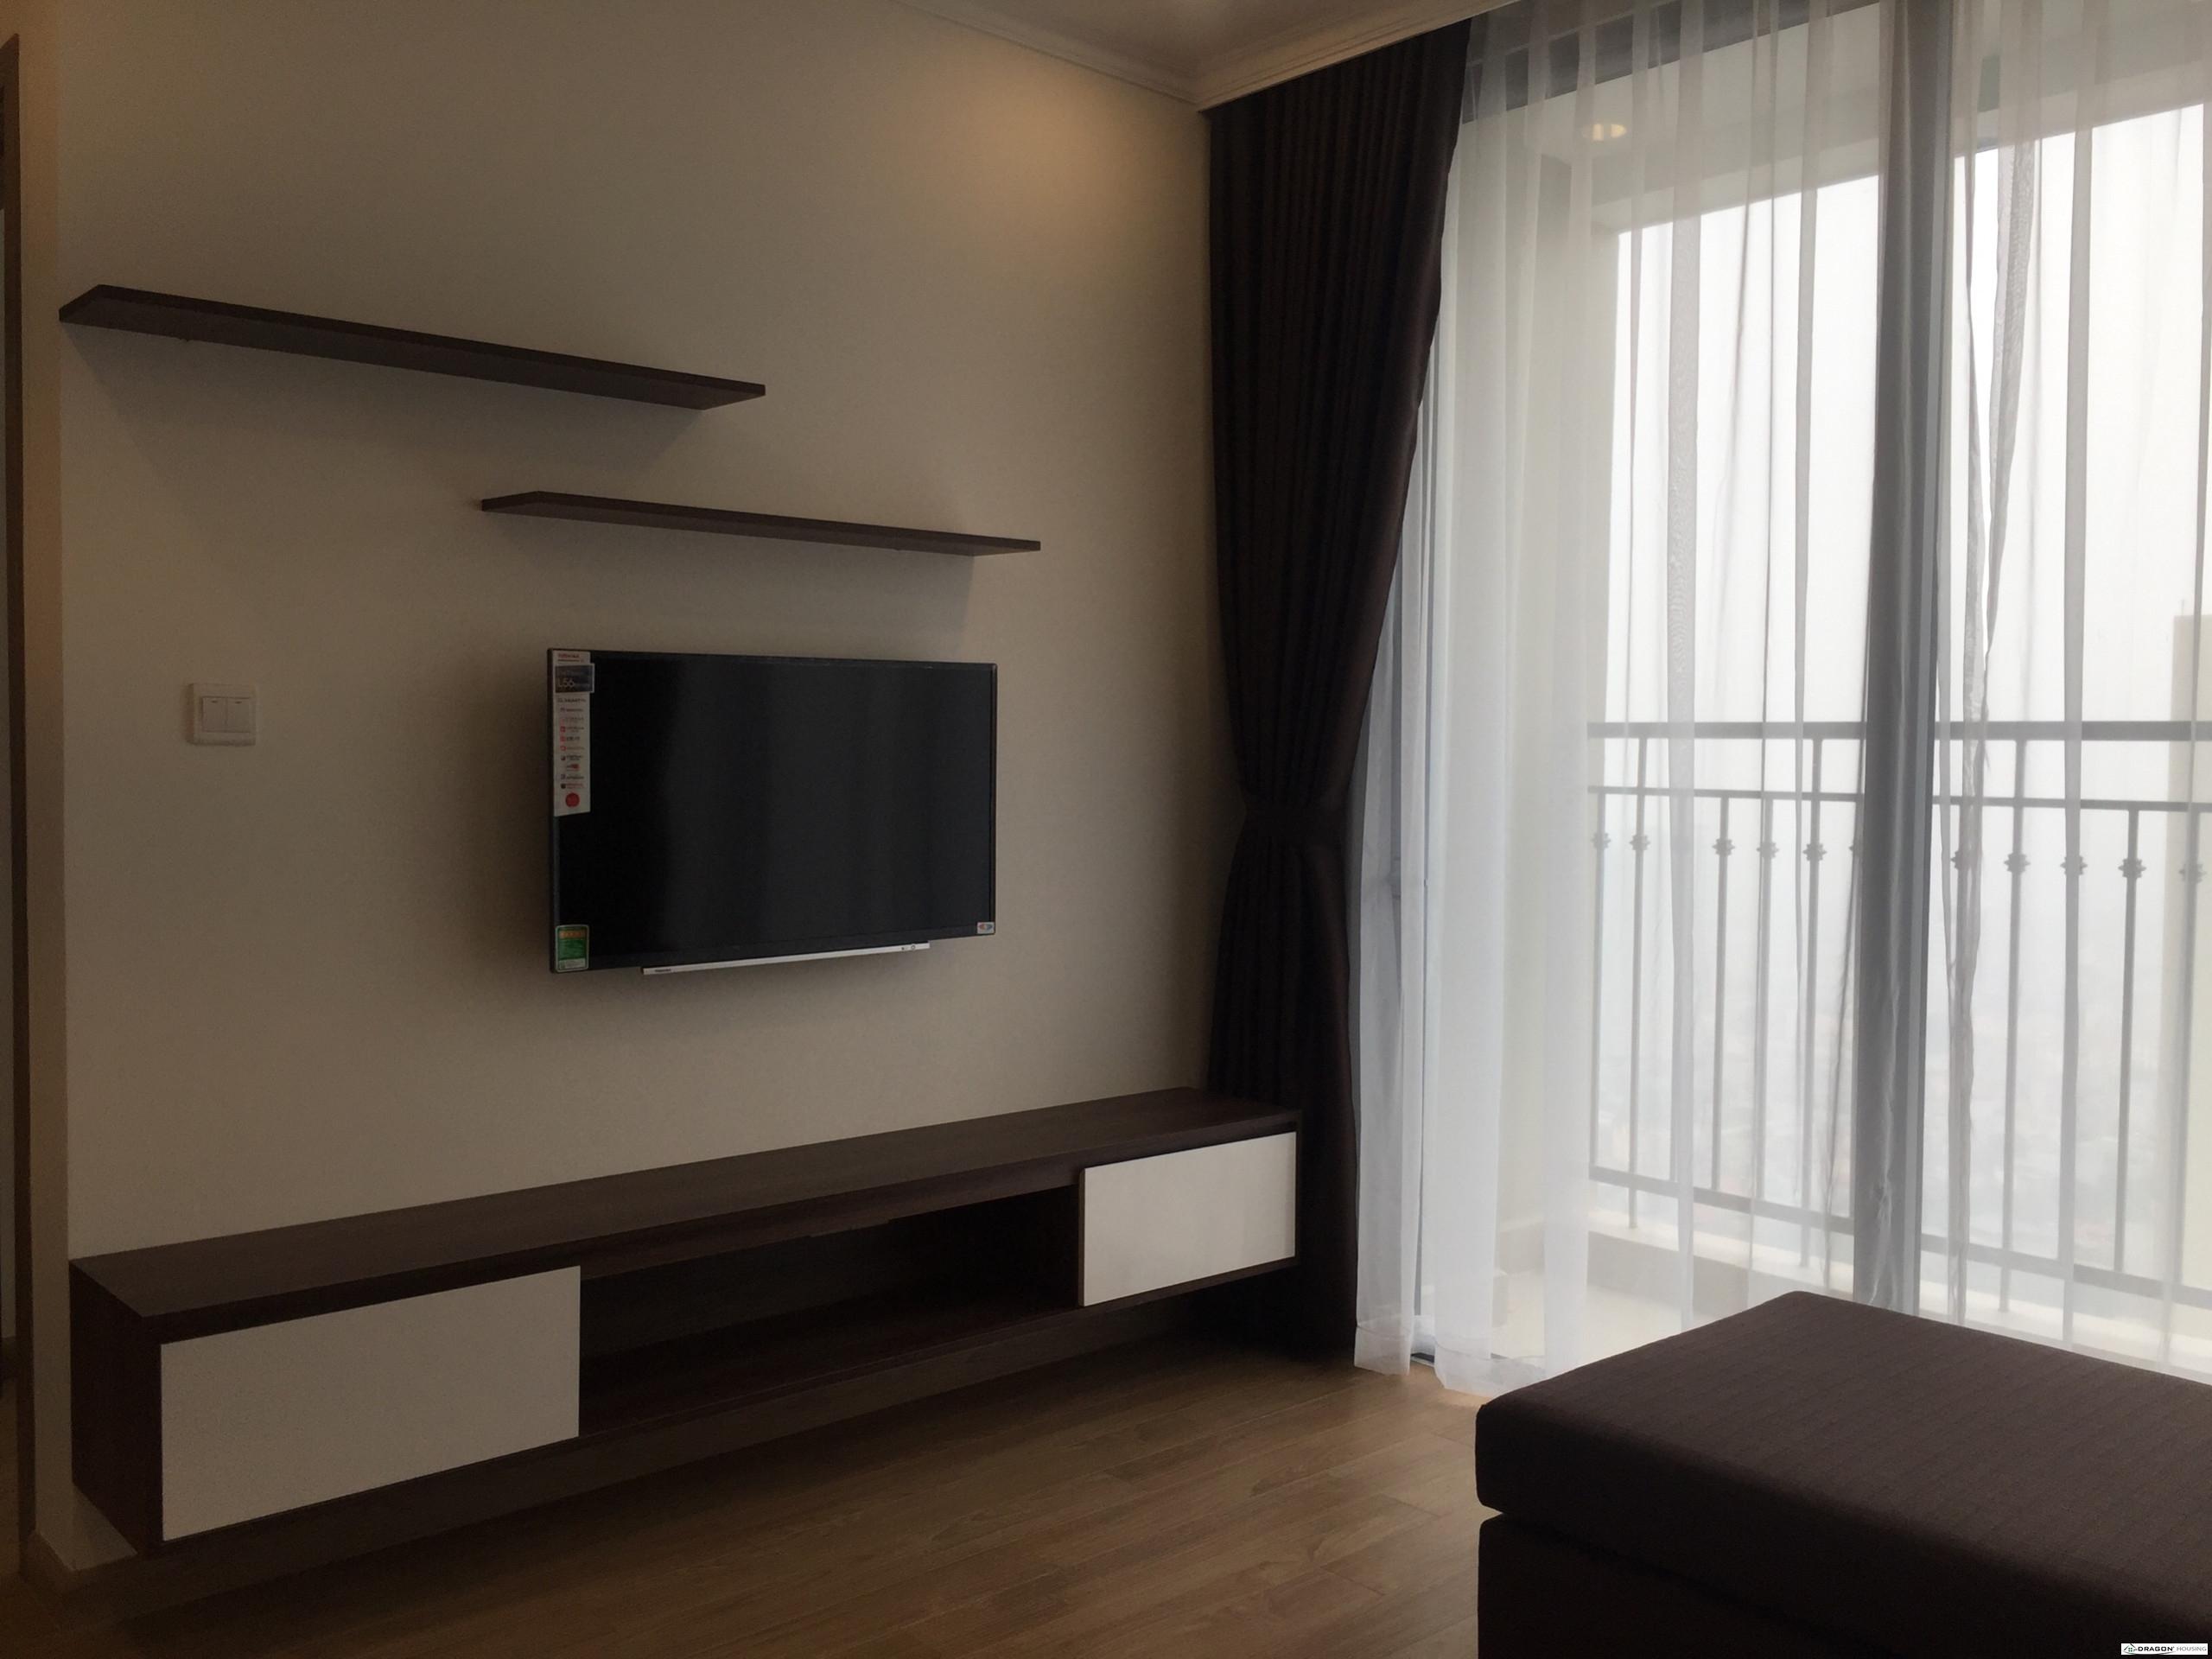 2. Smart TV